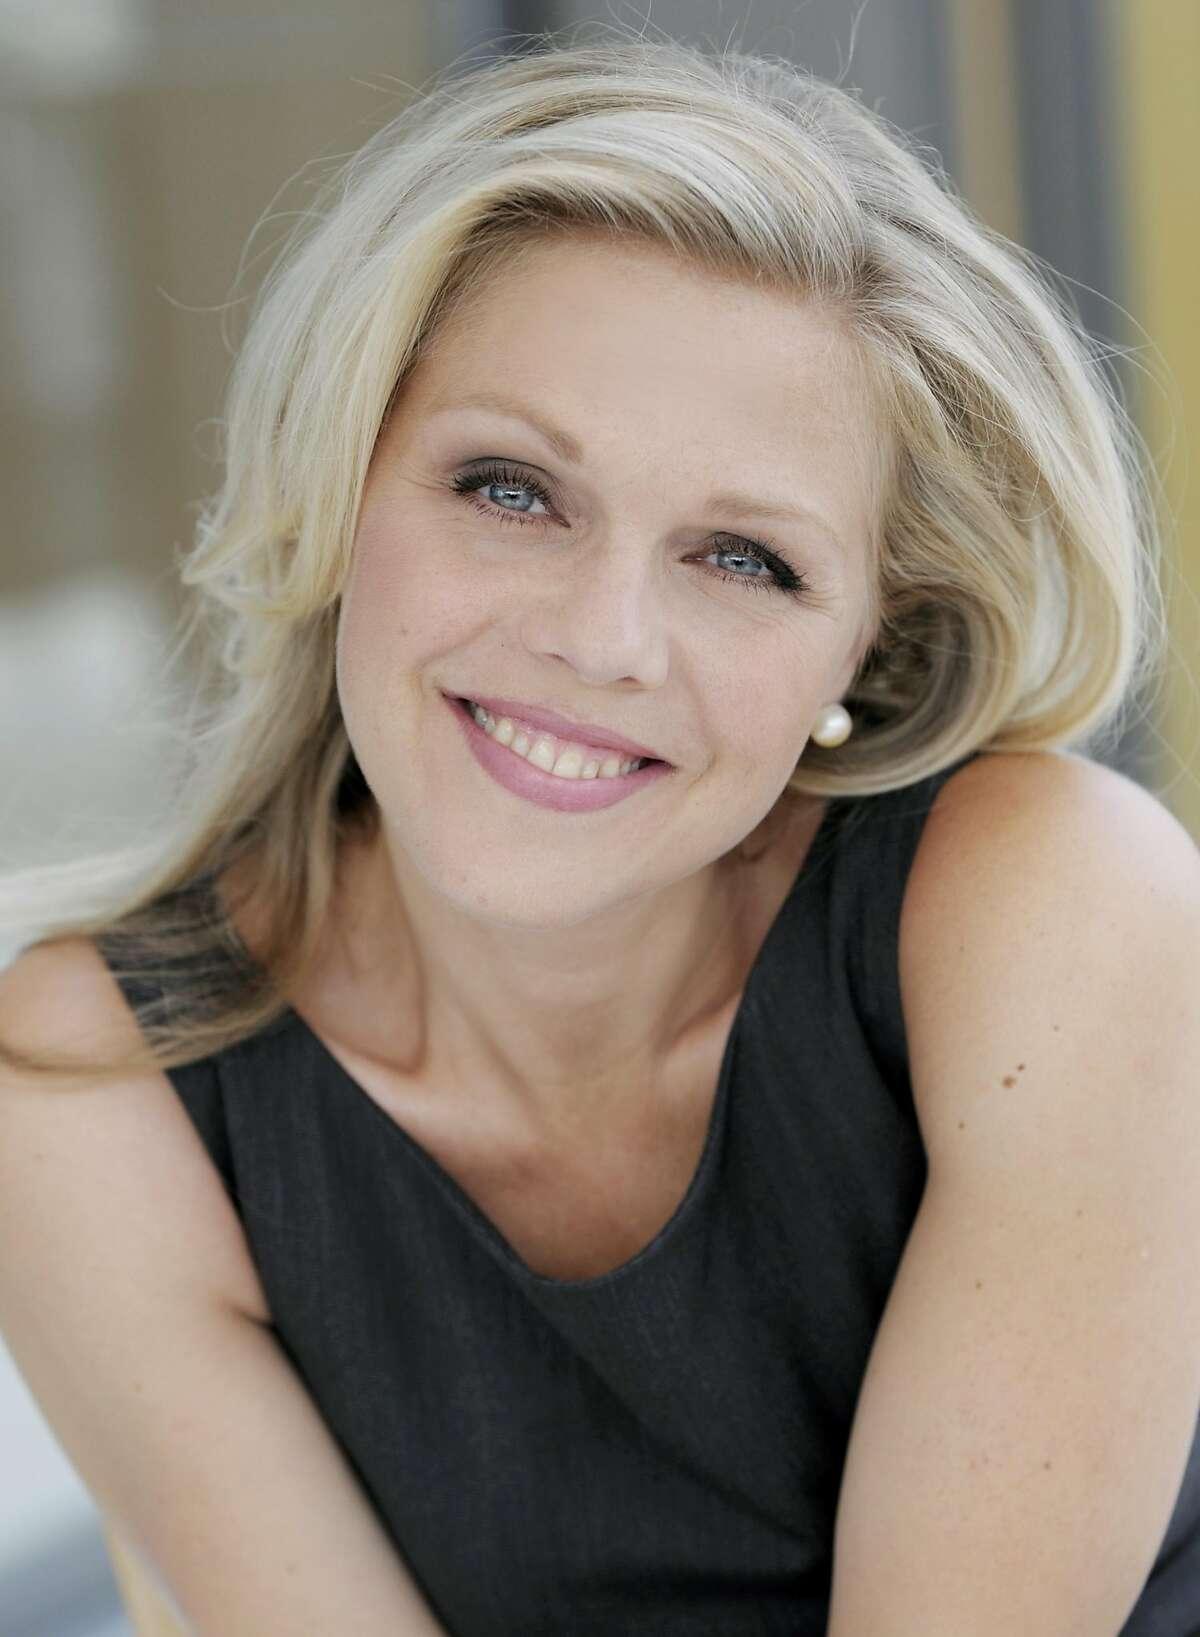 Soprano Miah Persson